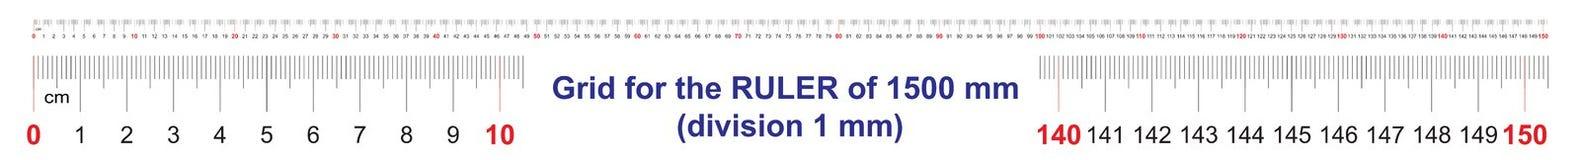 Grille pour une règle de 1500 millimètres, 150 centimètres, 1,5 mètres Grille de calibrage Division de valeur 1 millimètre